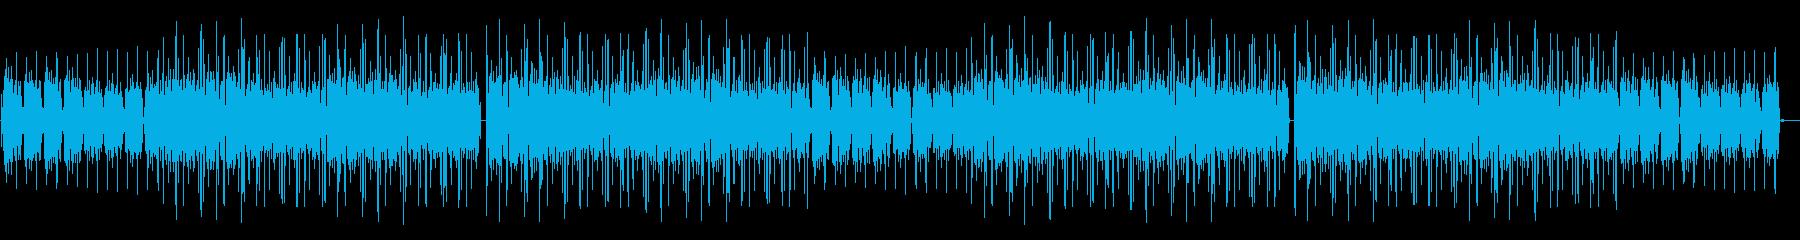 洋楽・ヒップホップ・暗い・切ない・哀愁感の再生済みの波形